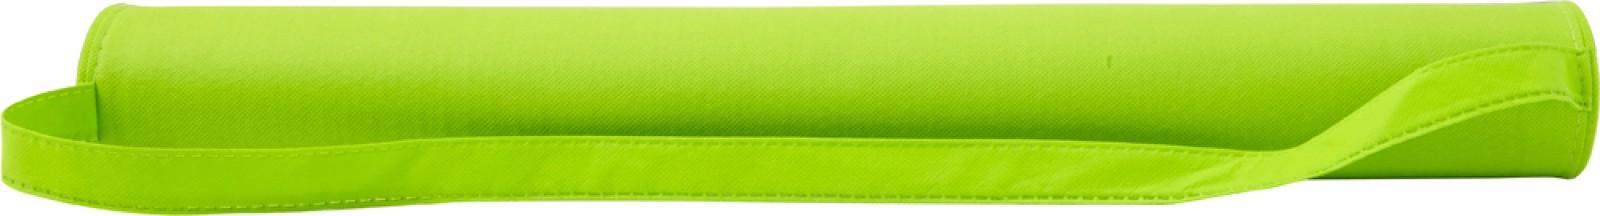 Nonwoven (80 gr/m²) beach mat - Lime